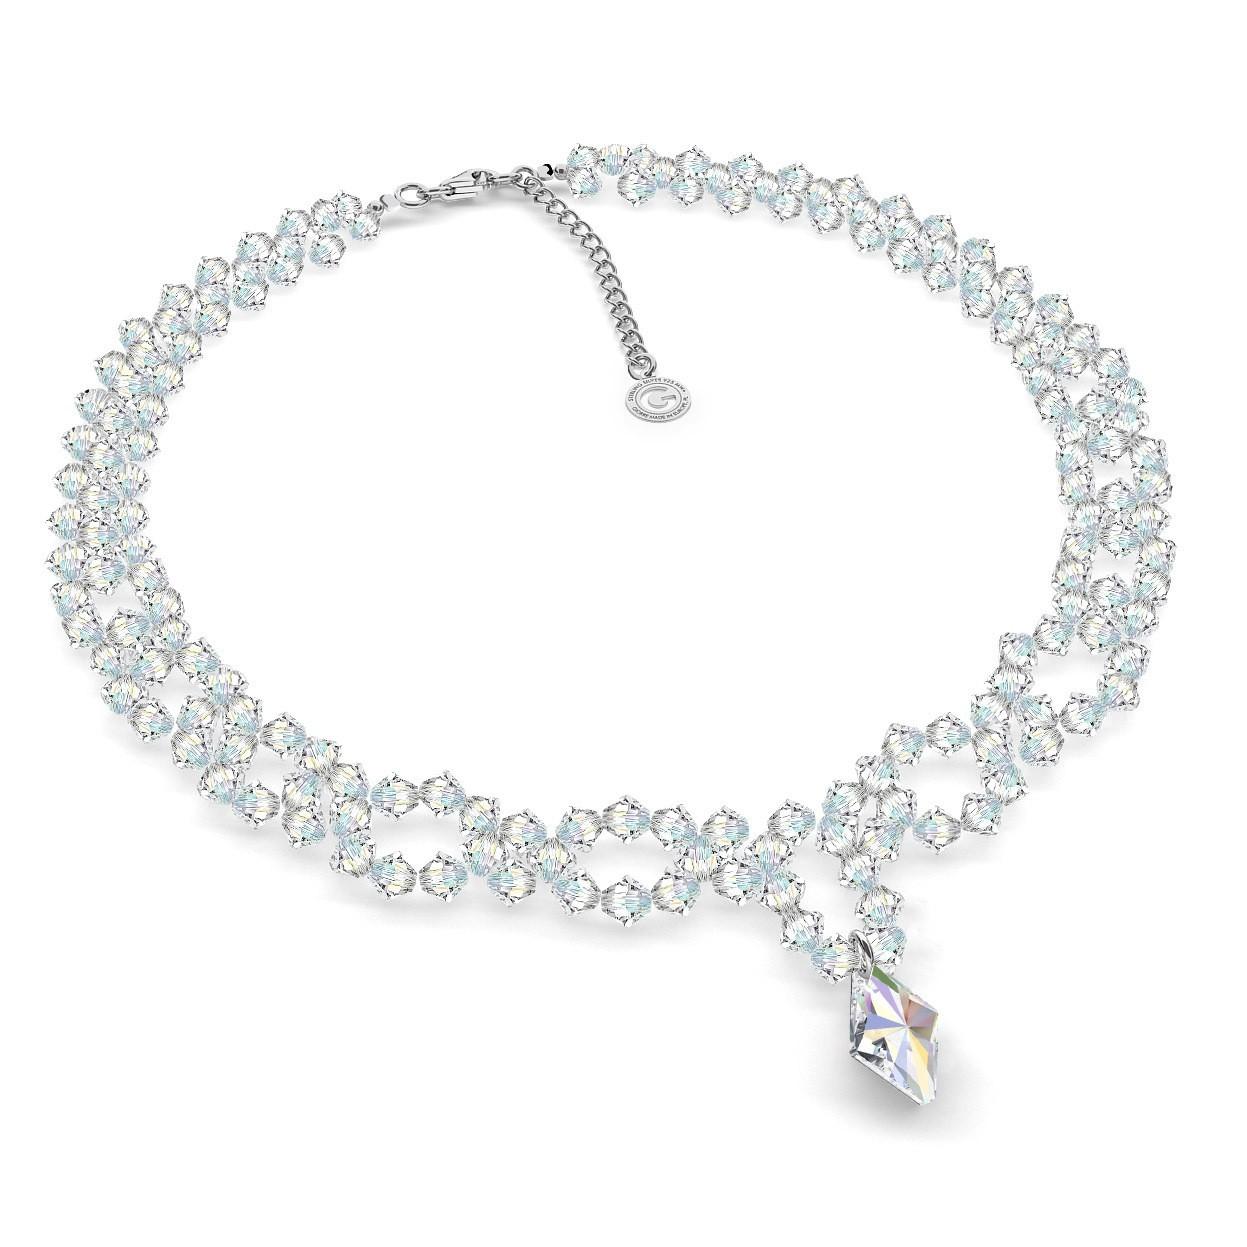 Halskette mit Swarovski Crystals, Hochzeitsschmuck - MODEL 2